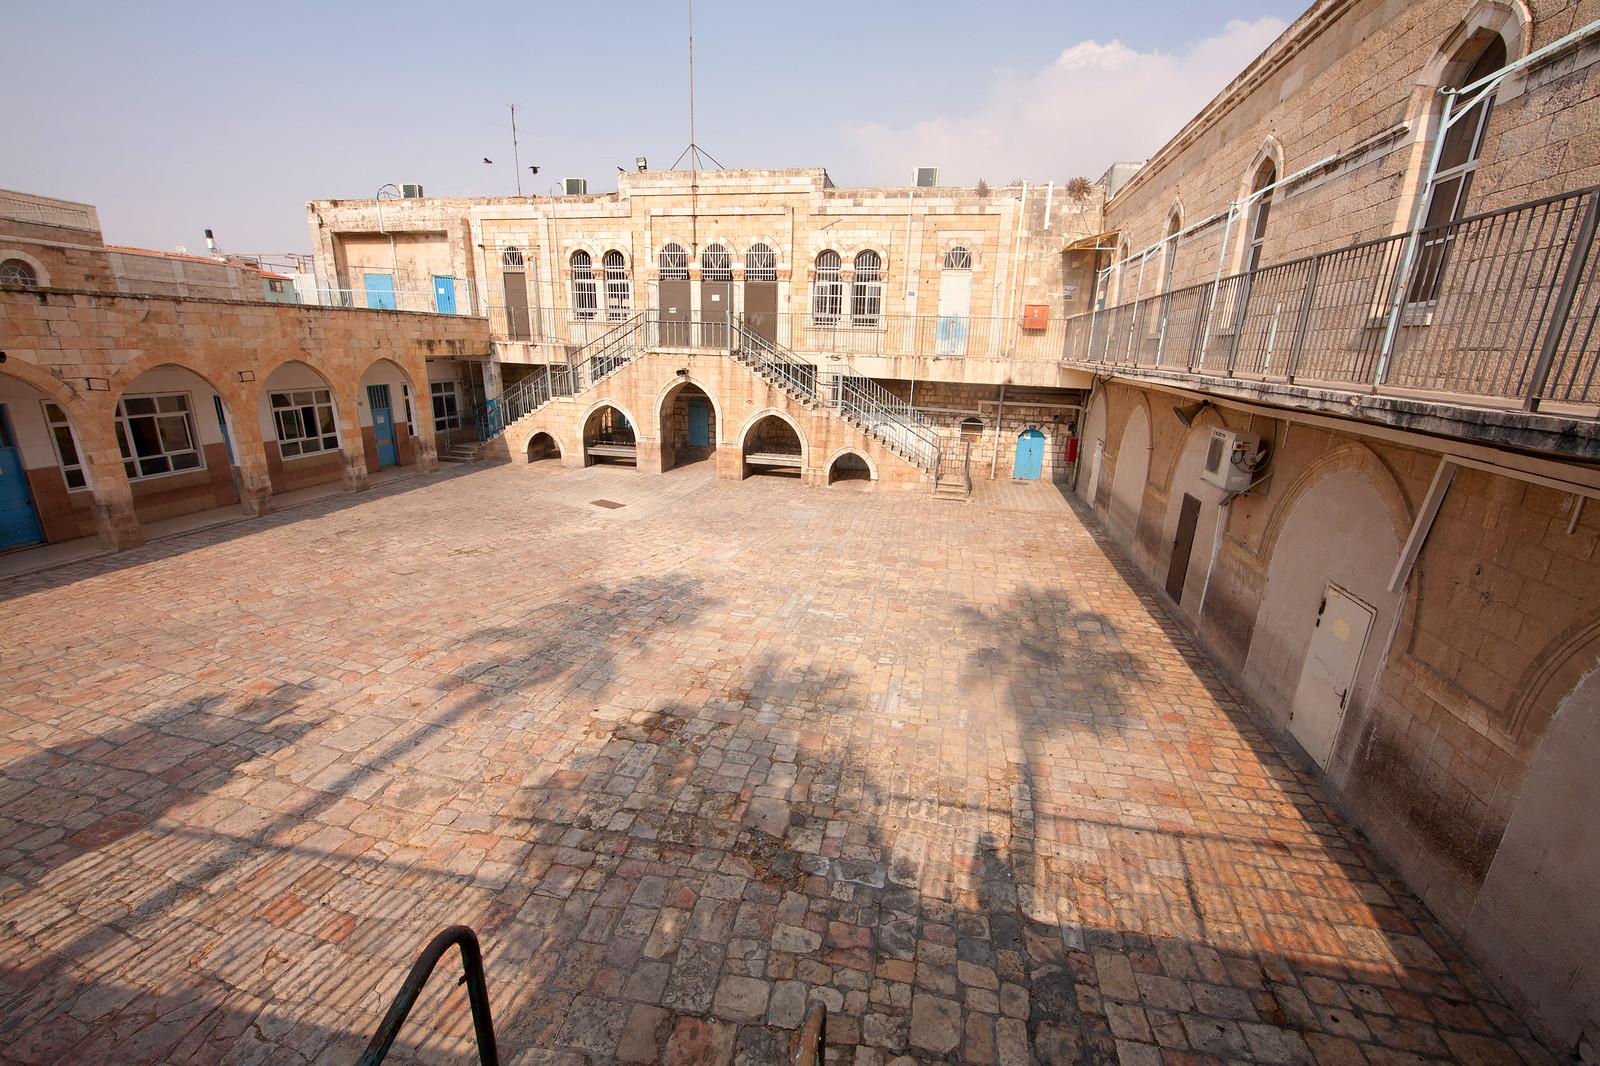 Jerusalem_Via Dolorosa_Al Omariya school_Station 1_Noam Chen